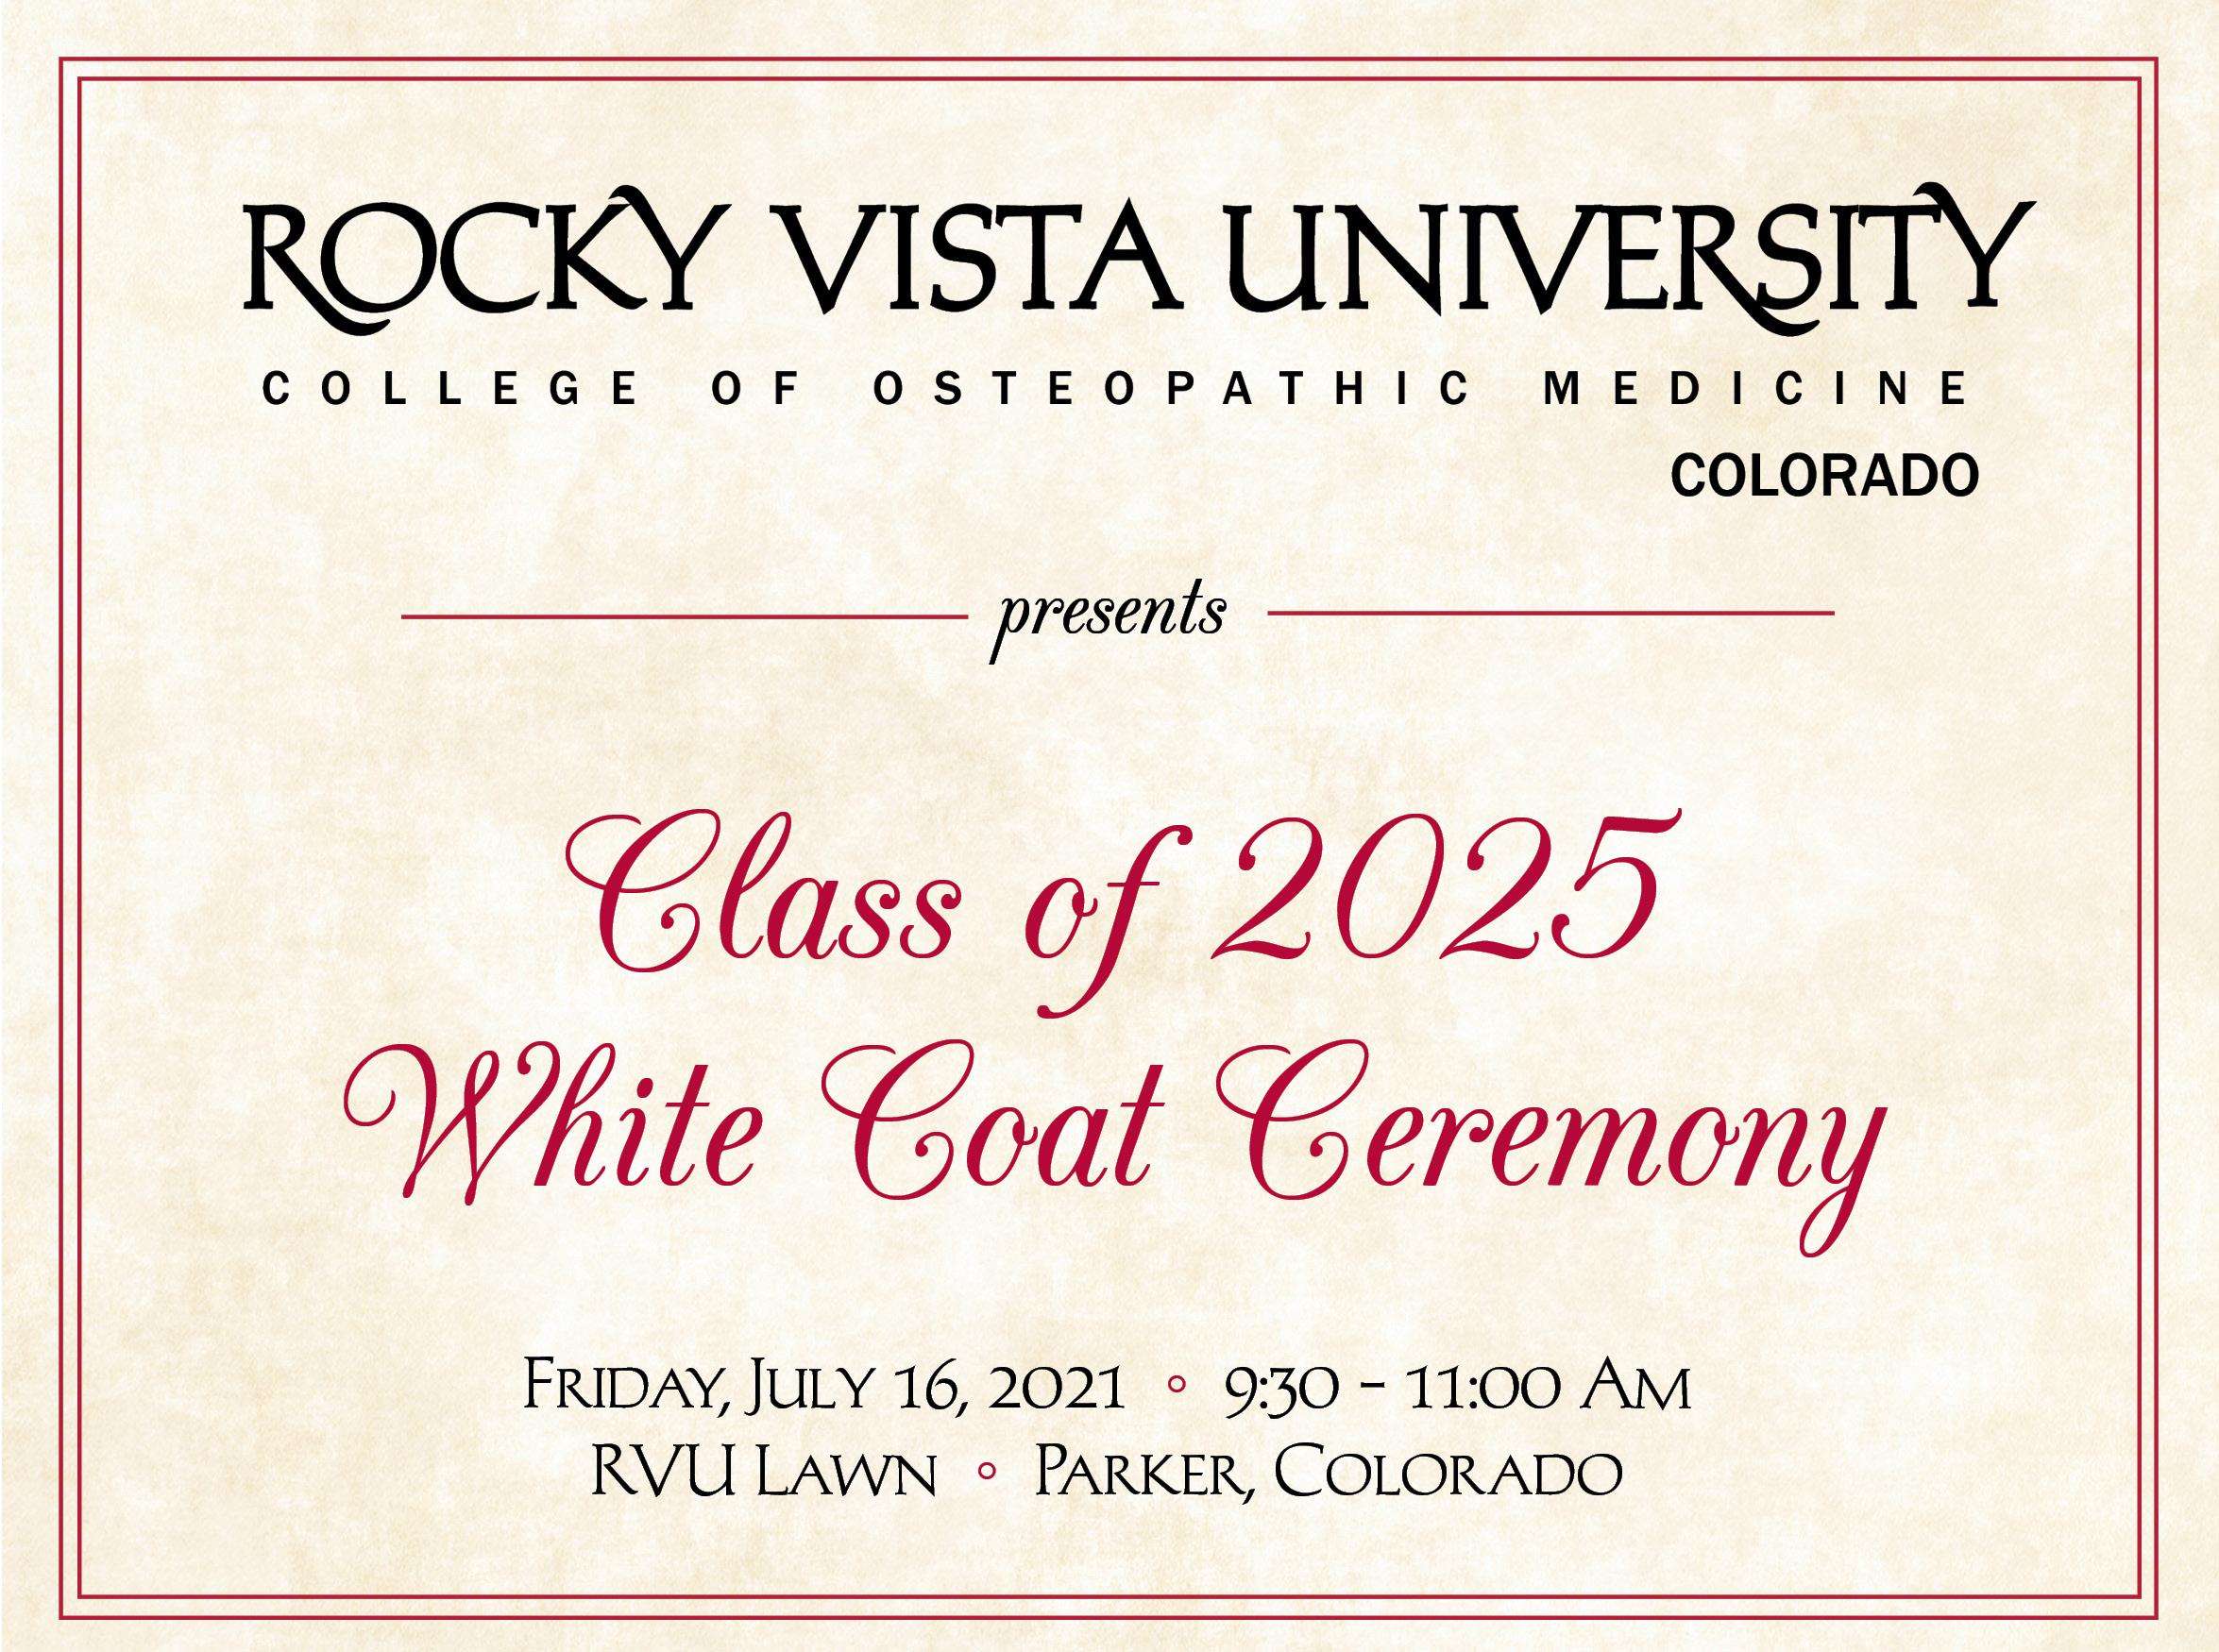 Classof2025_WhiteCoatWebsite_Graphic _ CO